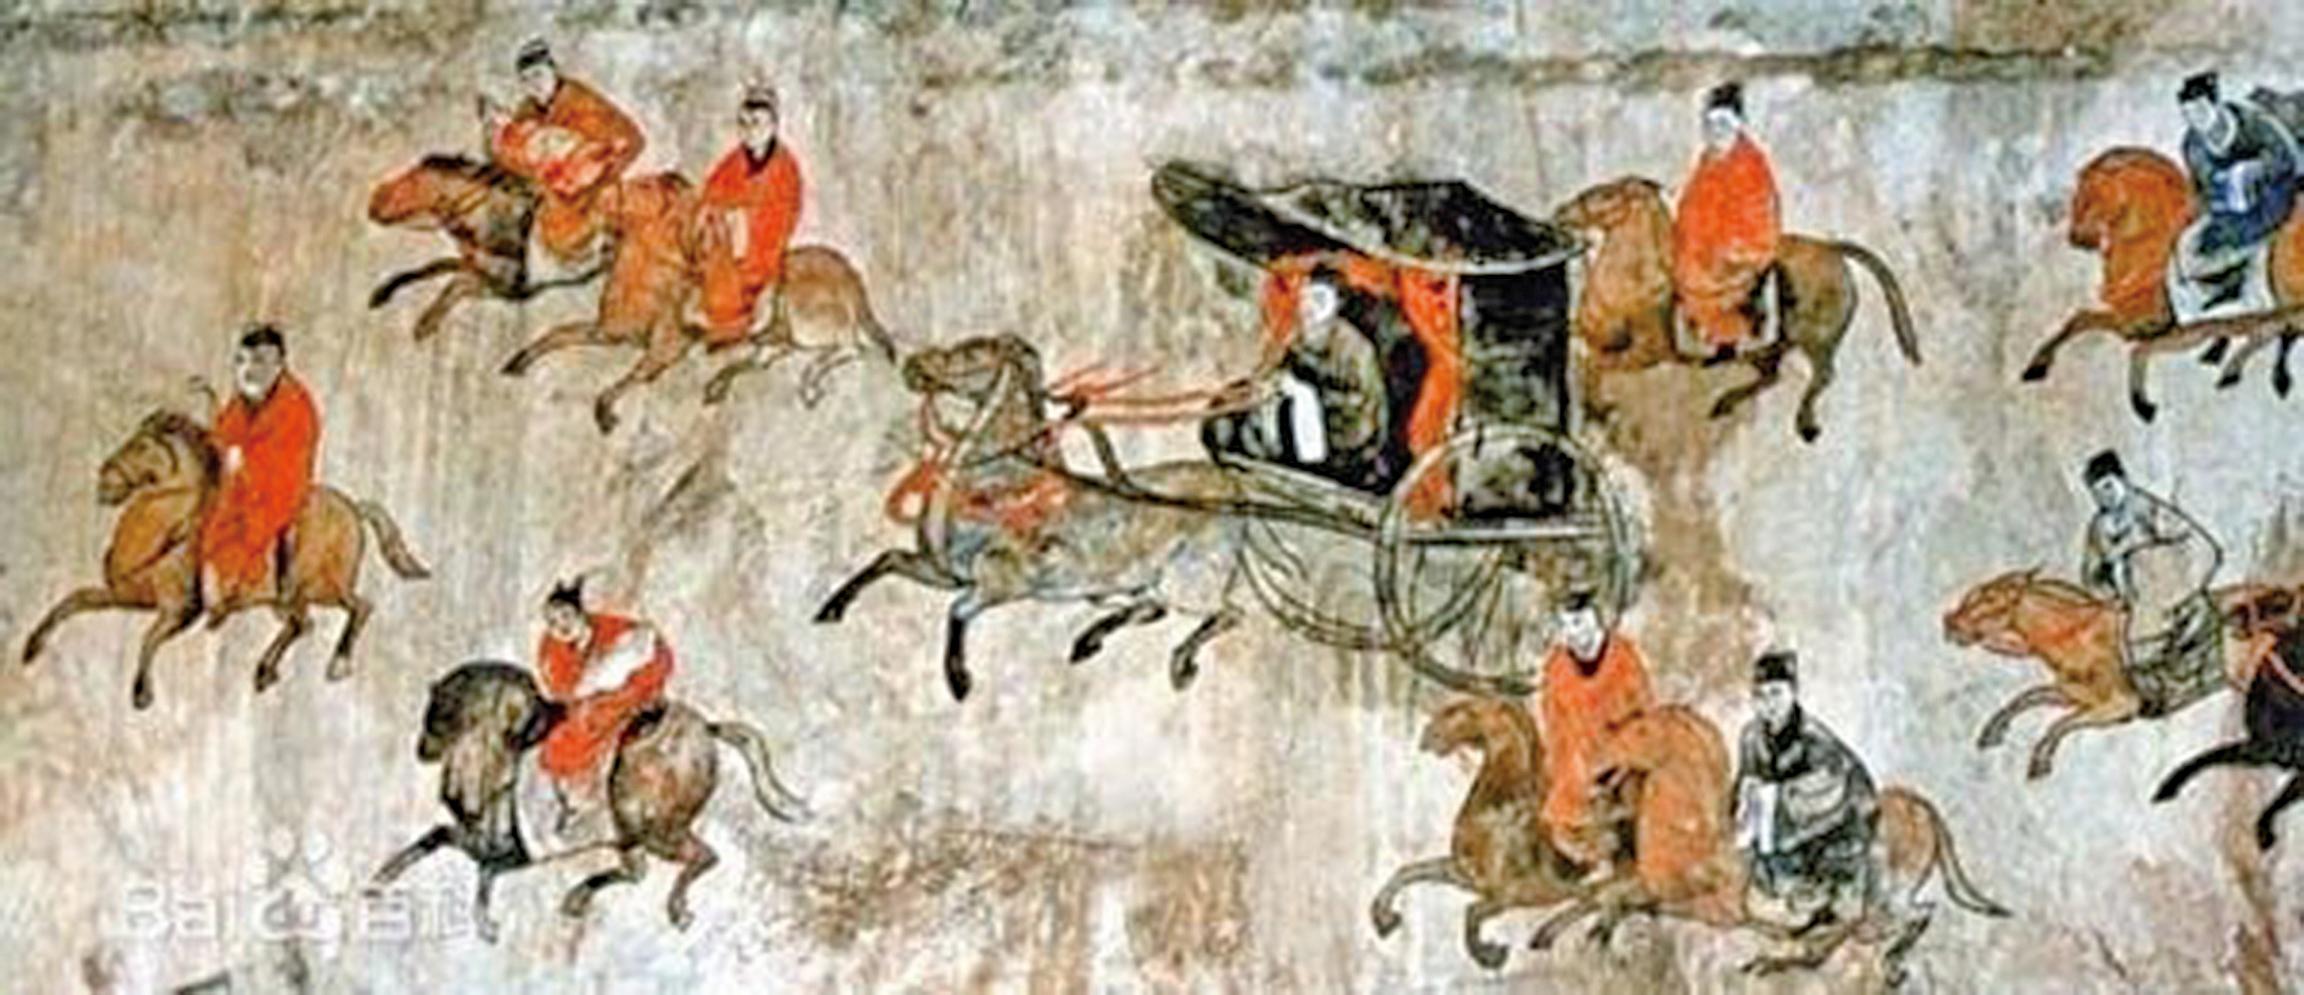 河南新密市打虎亭東漢墓室壁畫中的車馬出行圖。(公有領域)